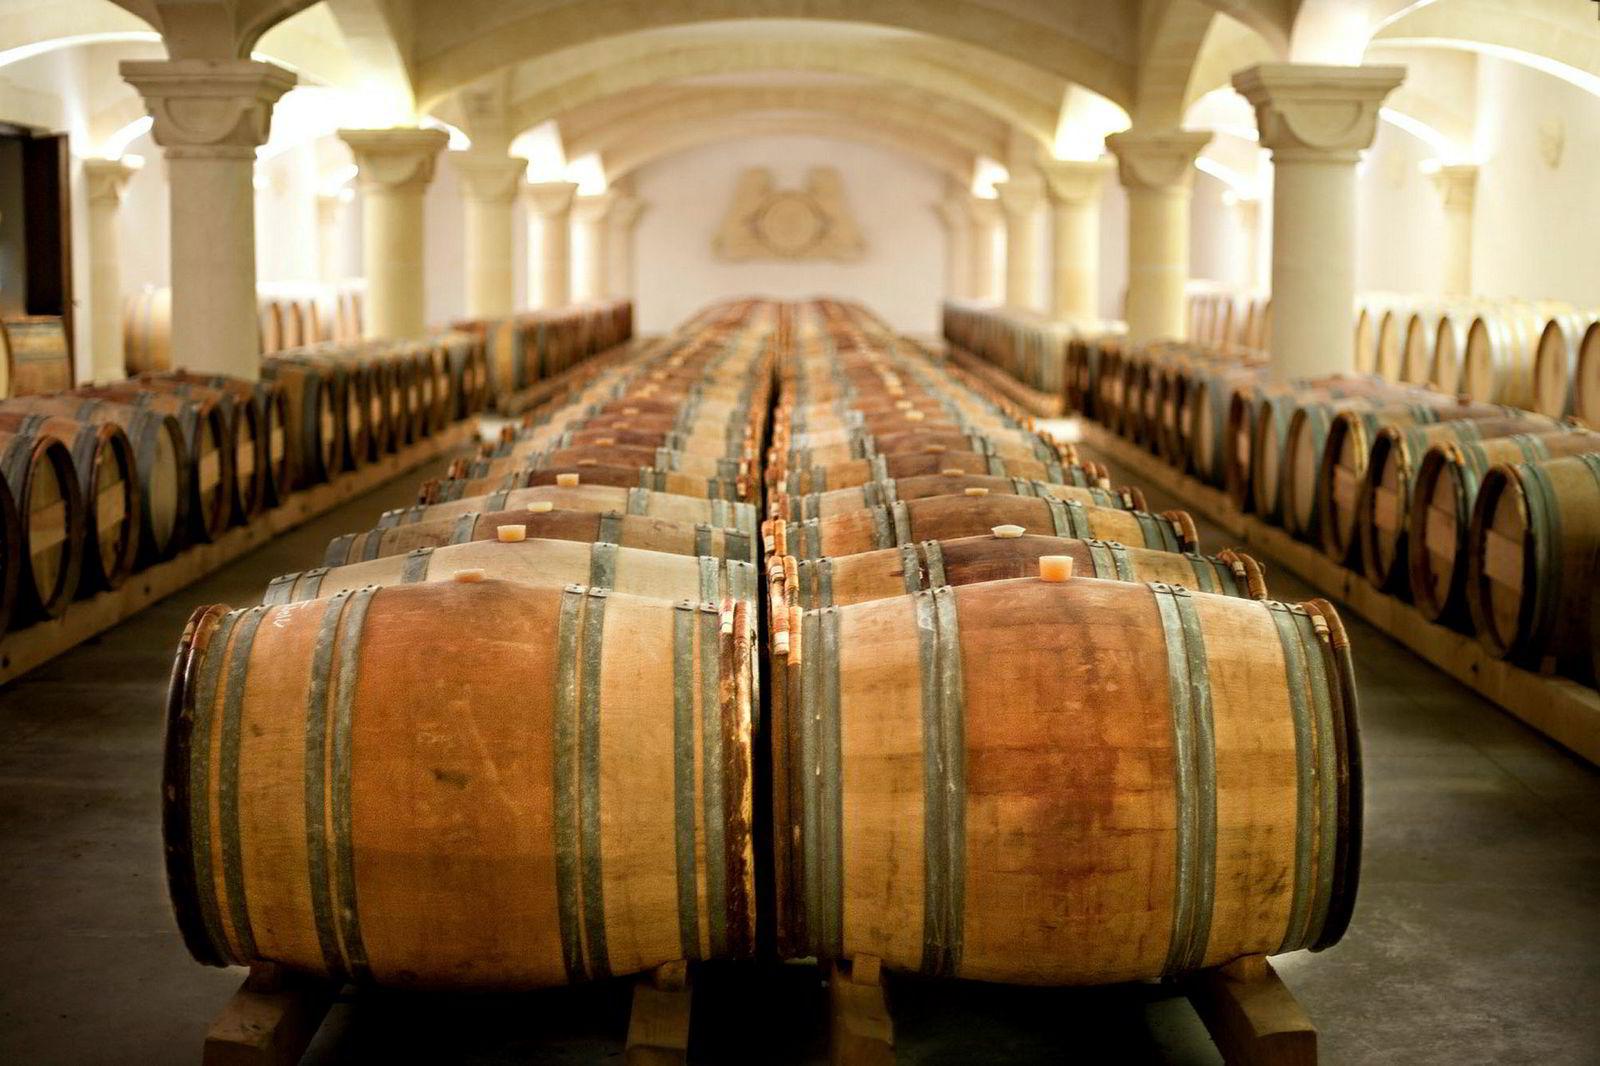 Vinkjelleren på Saint Martin de la Garrigue i Languedoc i Frankrike er på over 3000 kvadratmeter.